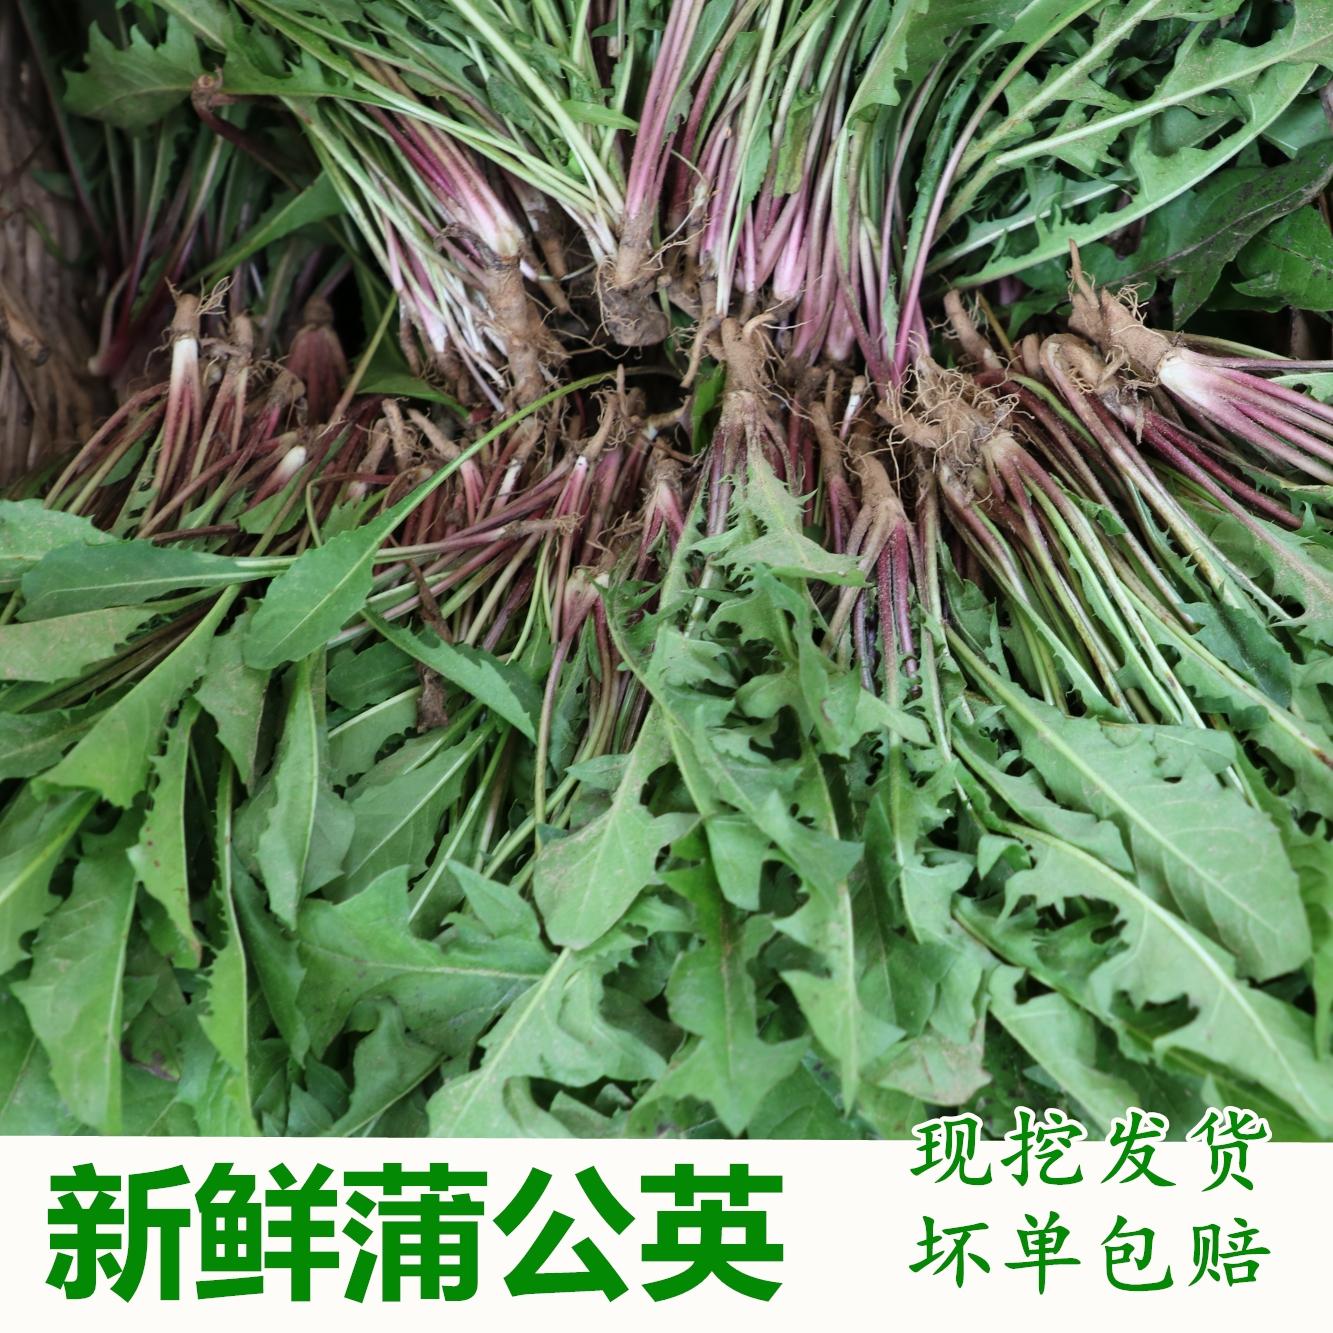 新鲜野生蒲公英500克苦苣菜蒲公英苦苦菜 婆婆丁黄花地丁野菜